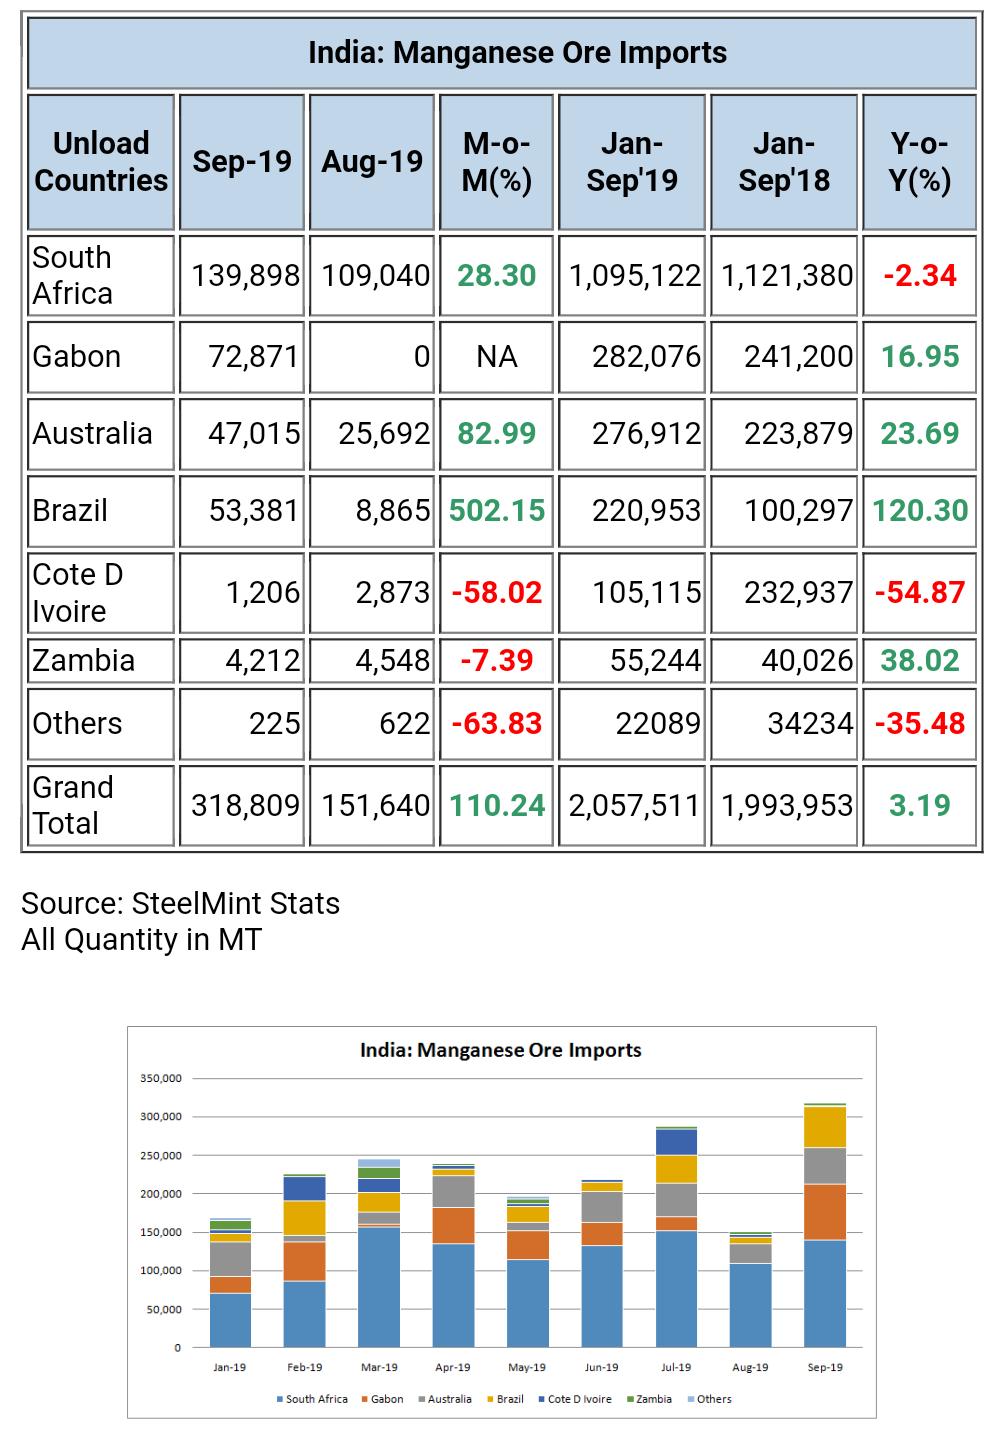 رشد 110 درصدی واردات سنگ منگنز هند در ماه سپتامبر/ حجم صادرات سپتامبر به 319 هزار تن و مجموع 9 ماهه به 2 میلیون و 57 هزار تن رسید